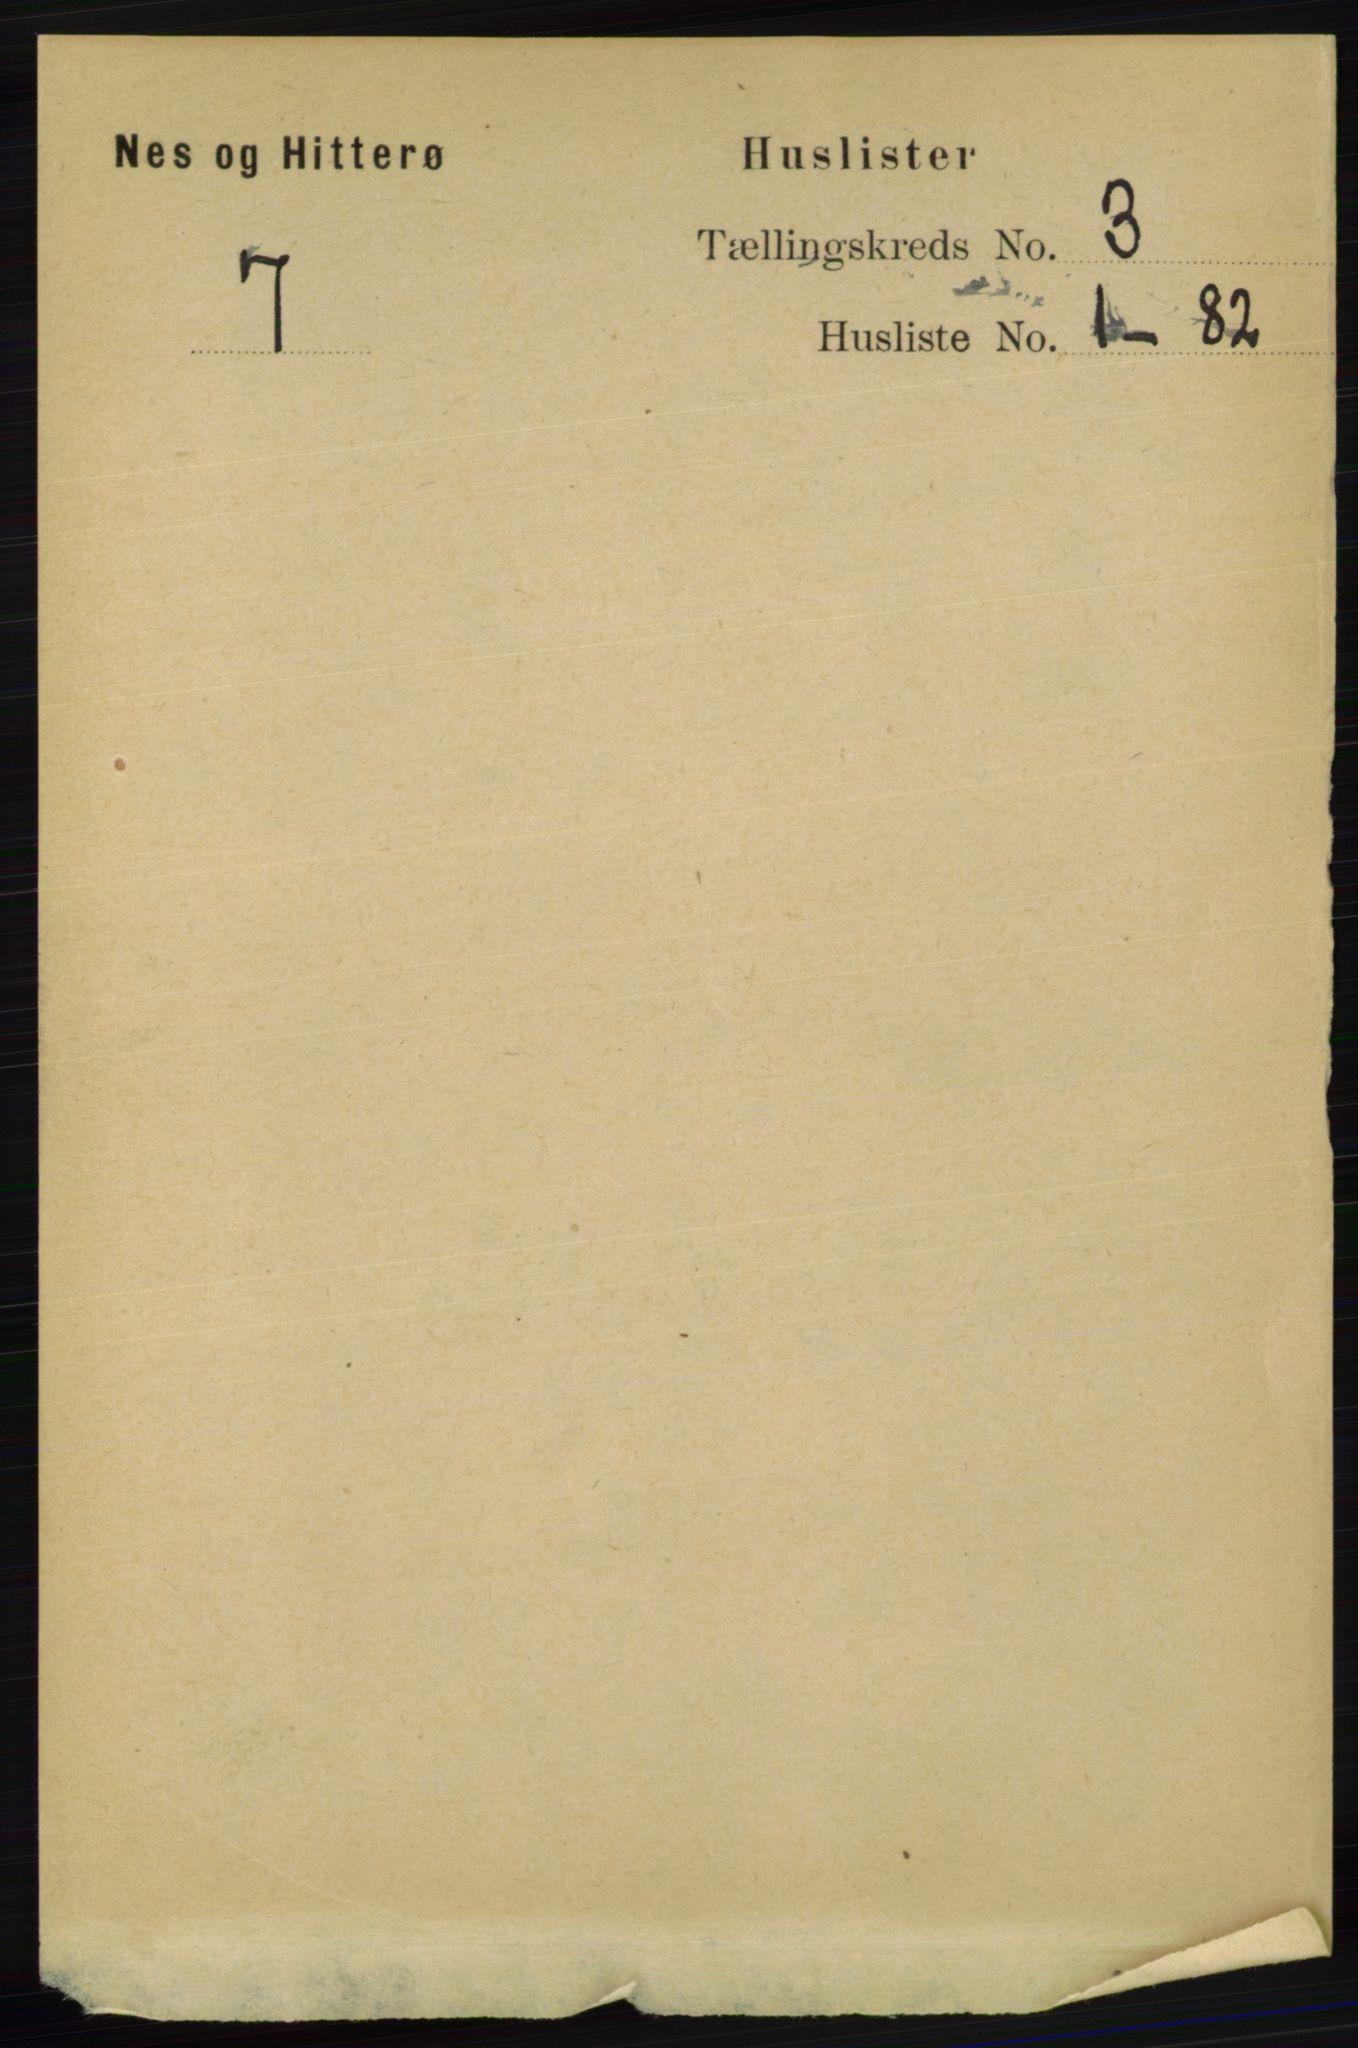 RA, Folketelling 1891 for 1043 Hidra og Nes herred, 1891, s. 833